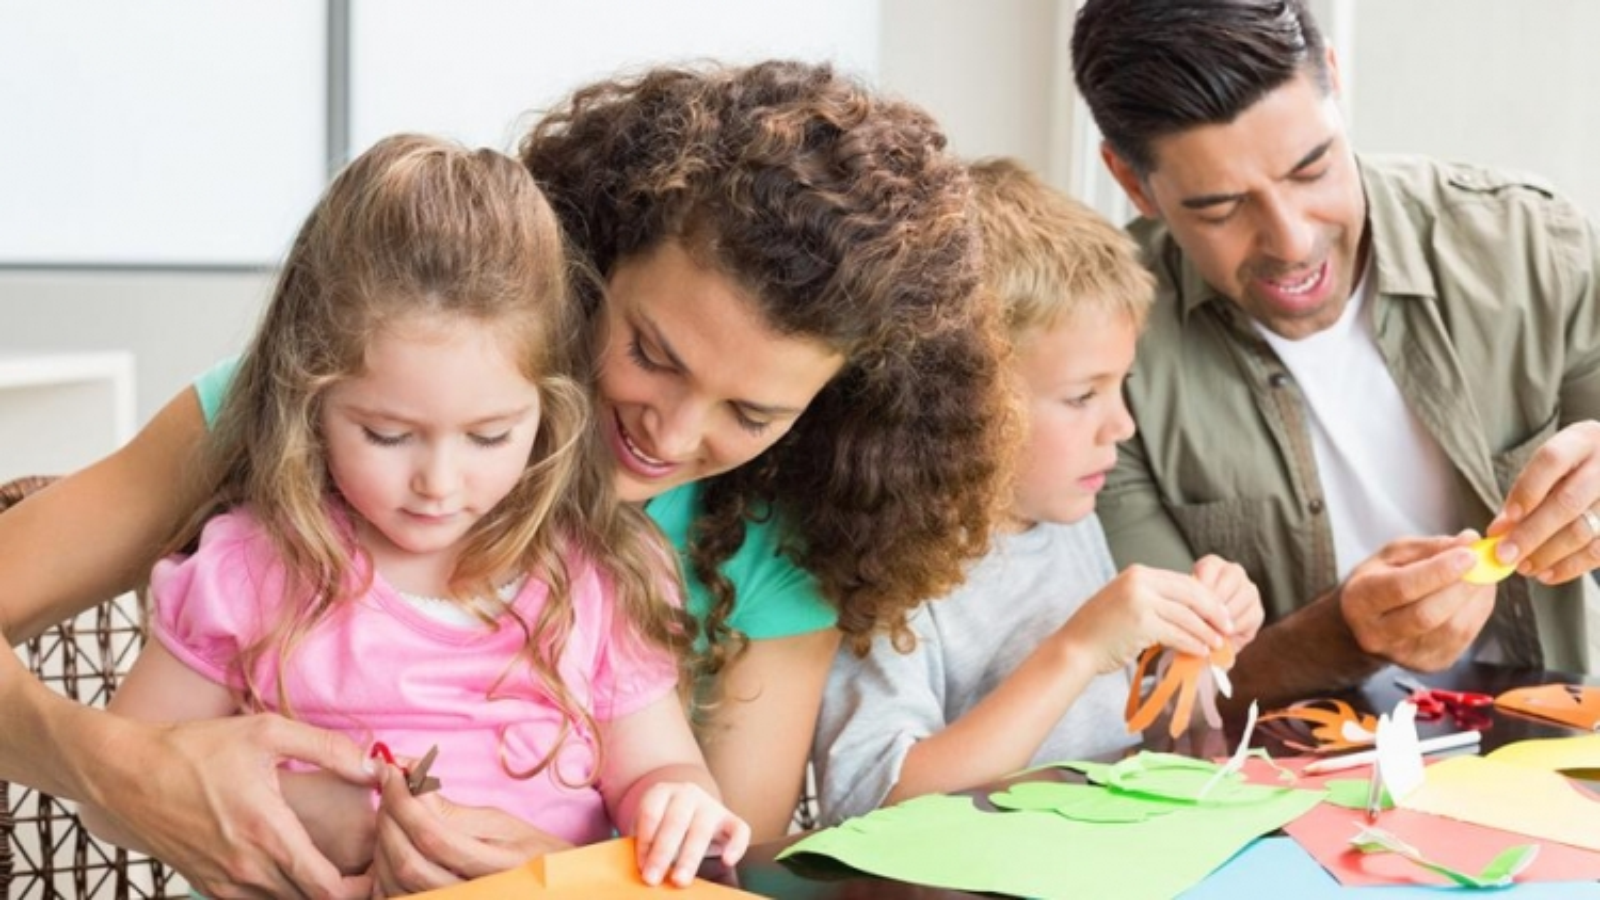 Làm gì để trẻ vui trong ngày dài giãn cách?